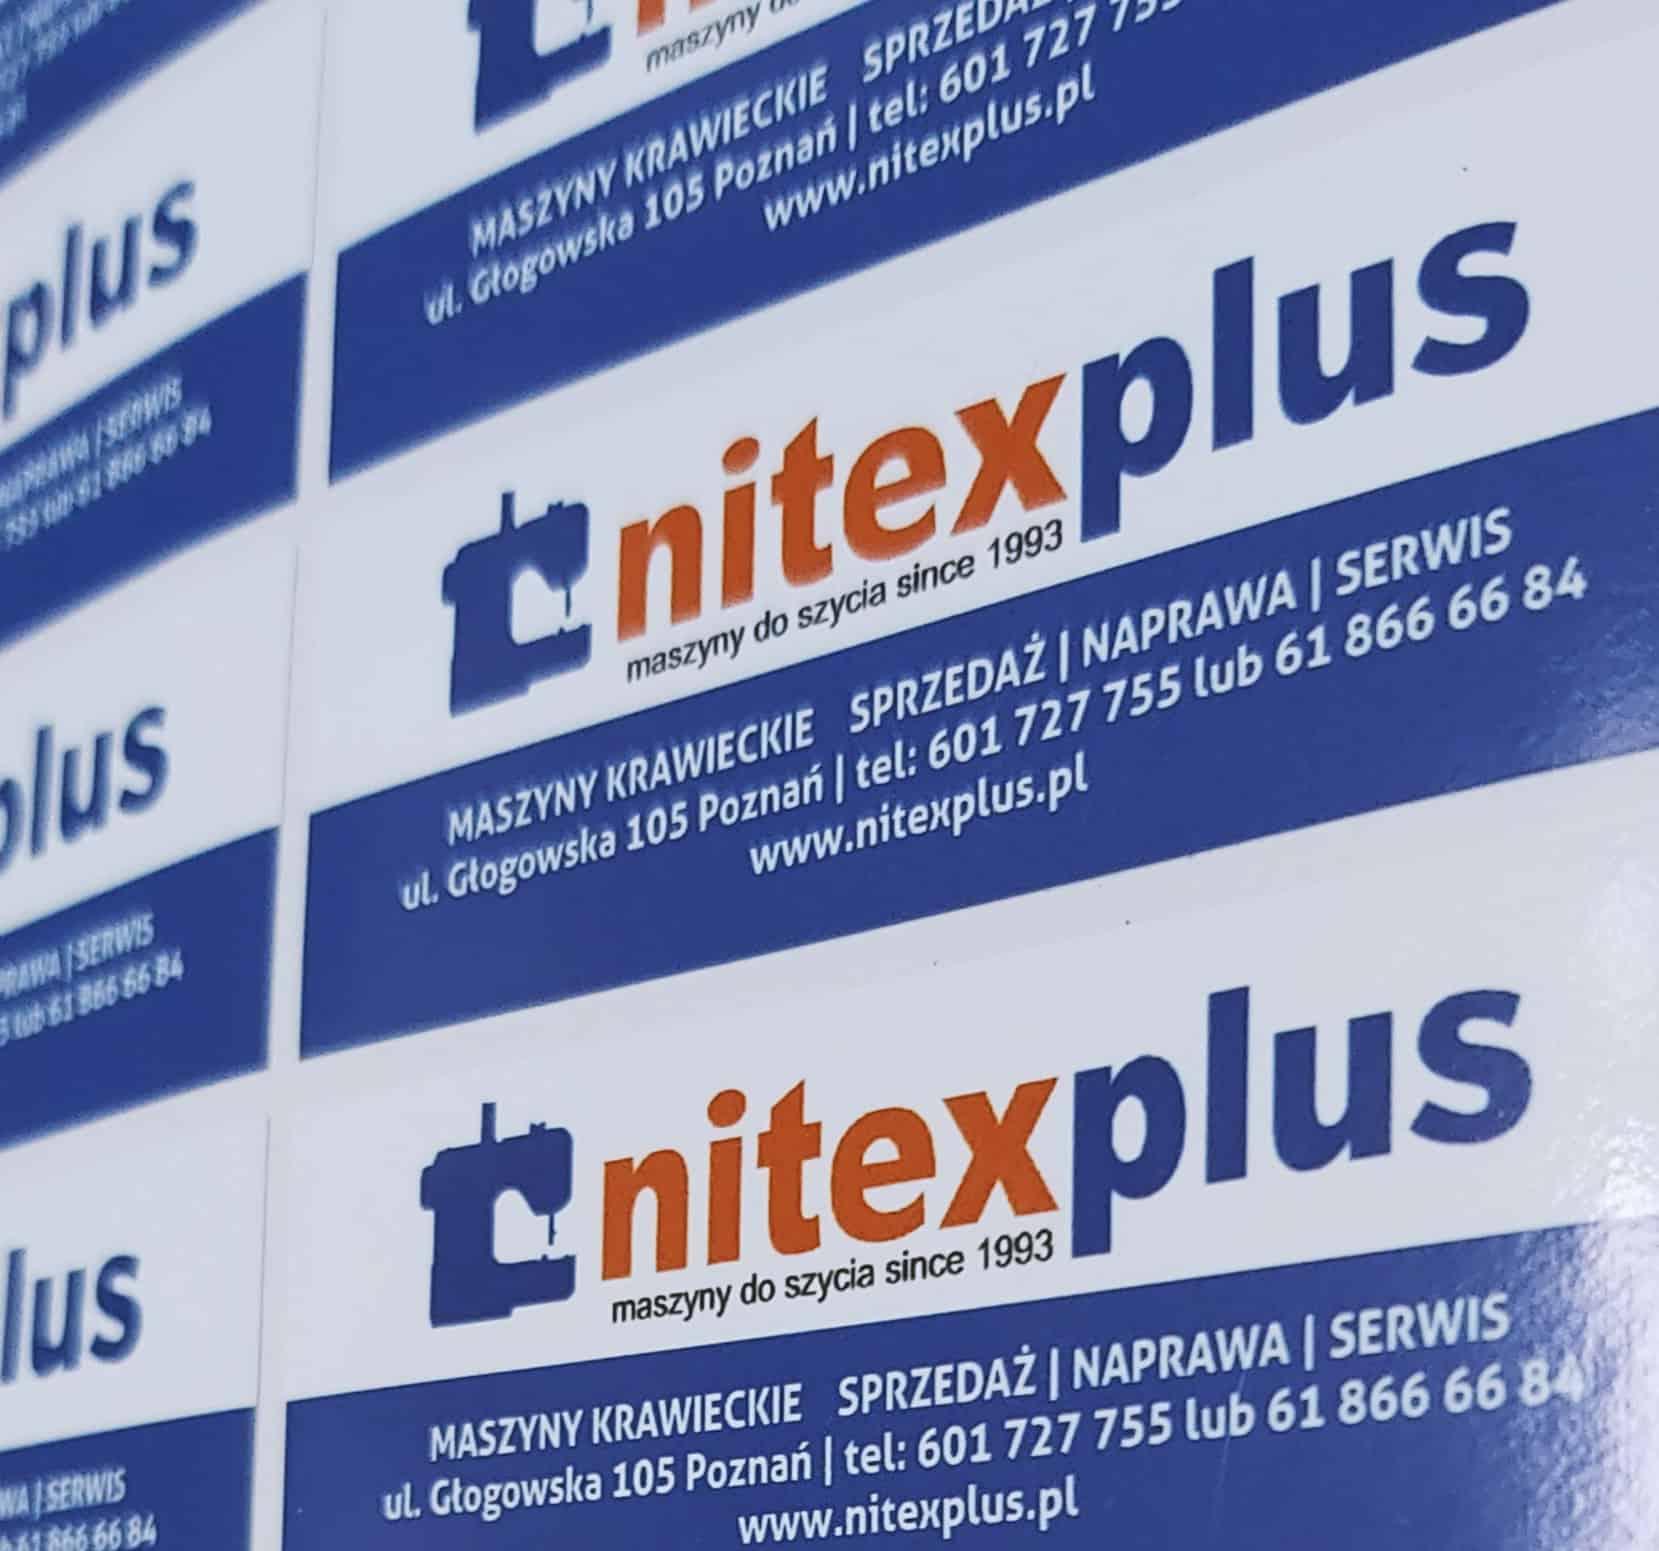 naklejki reklamowe z logo nitexplus